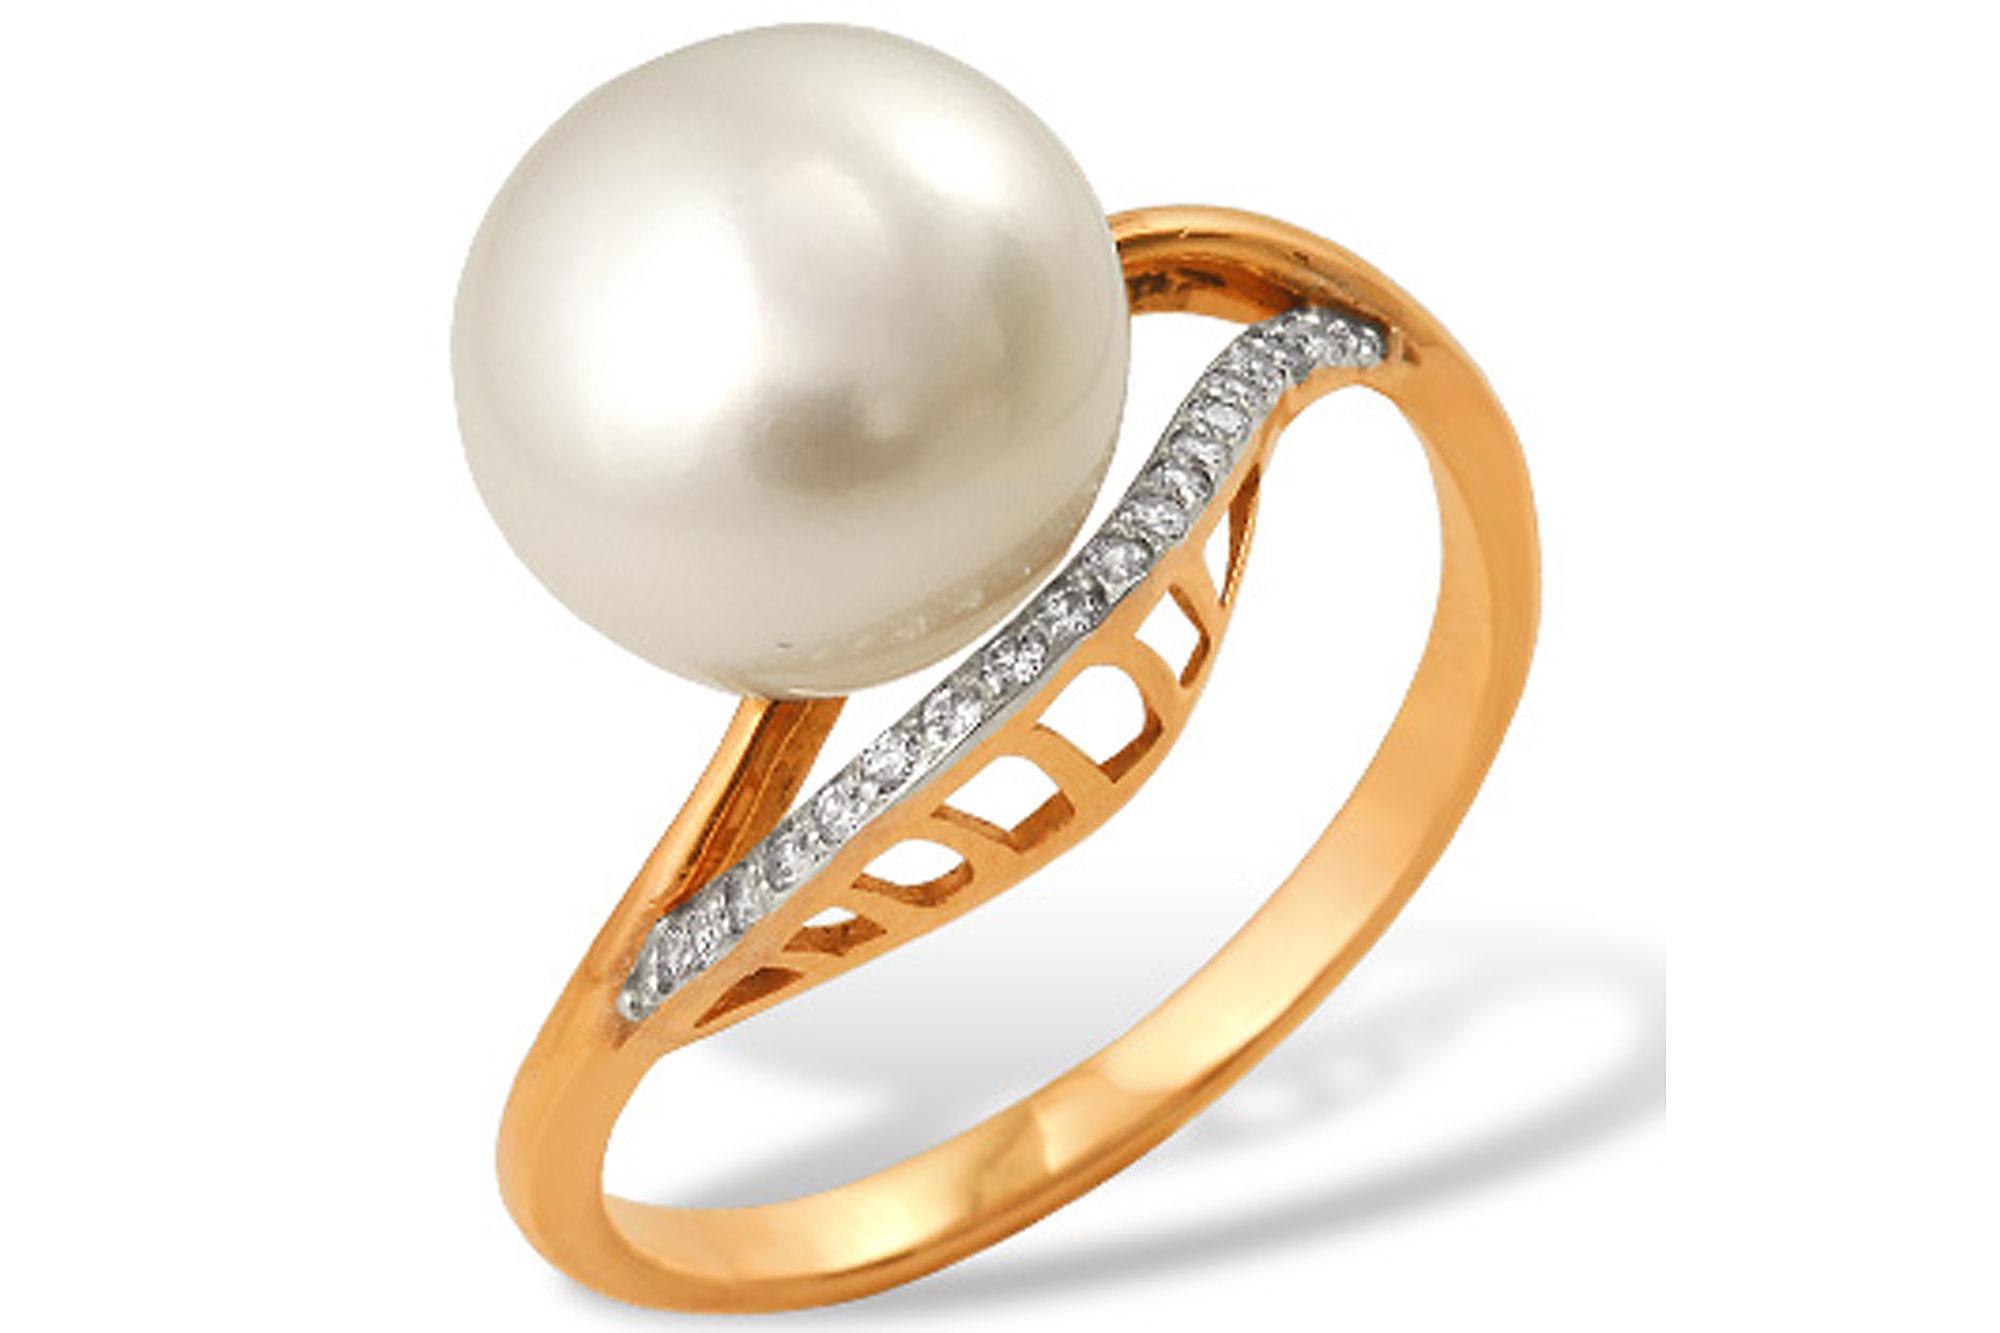 Кольцо из красного золота 585 пробы с белой жемчужиной 7,5-8 мм